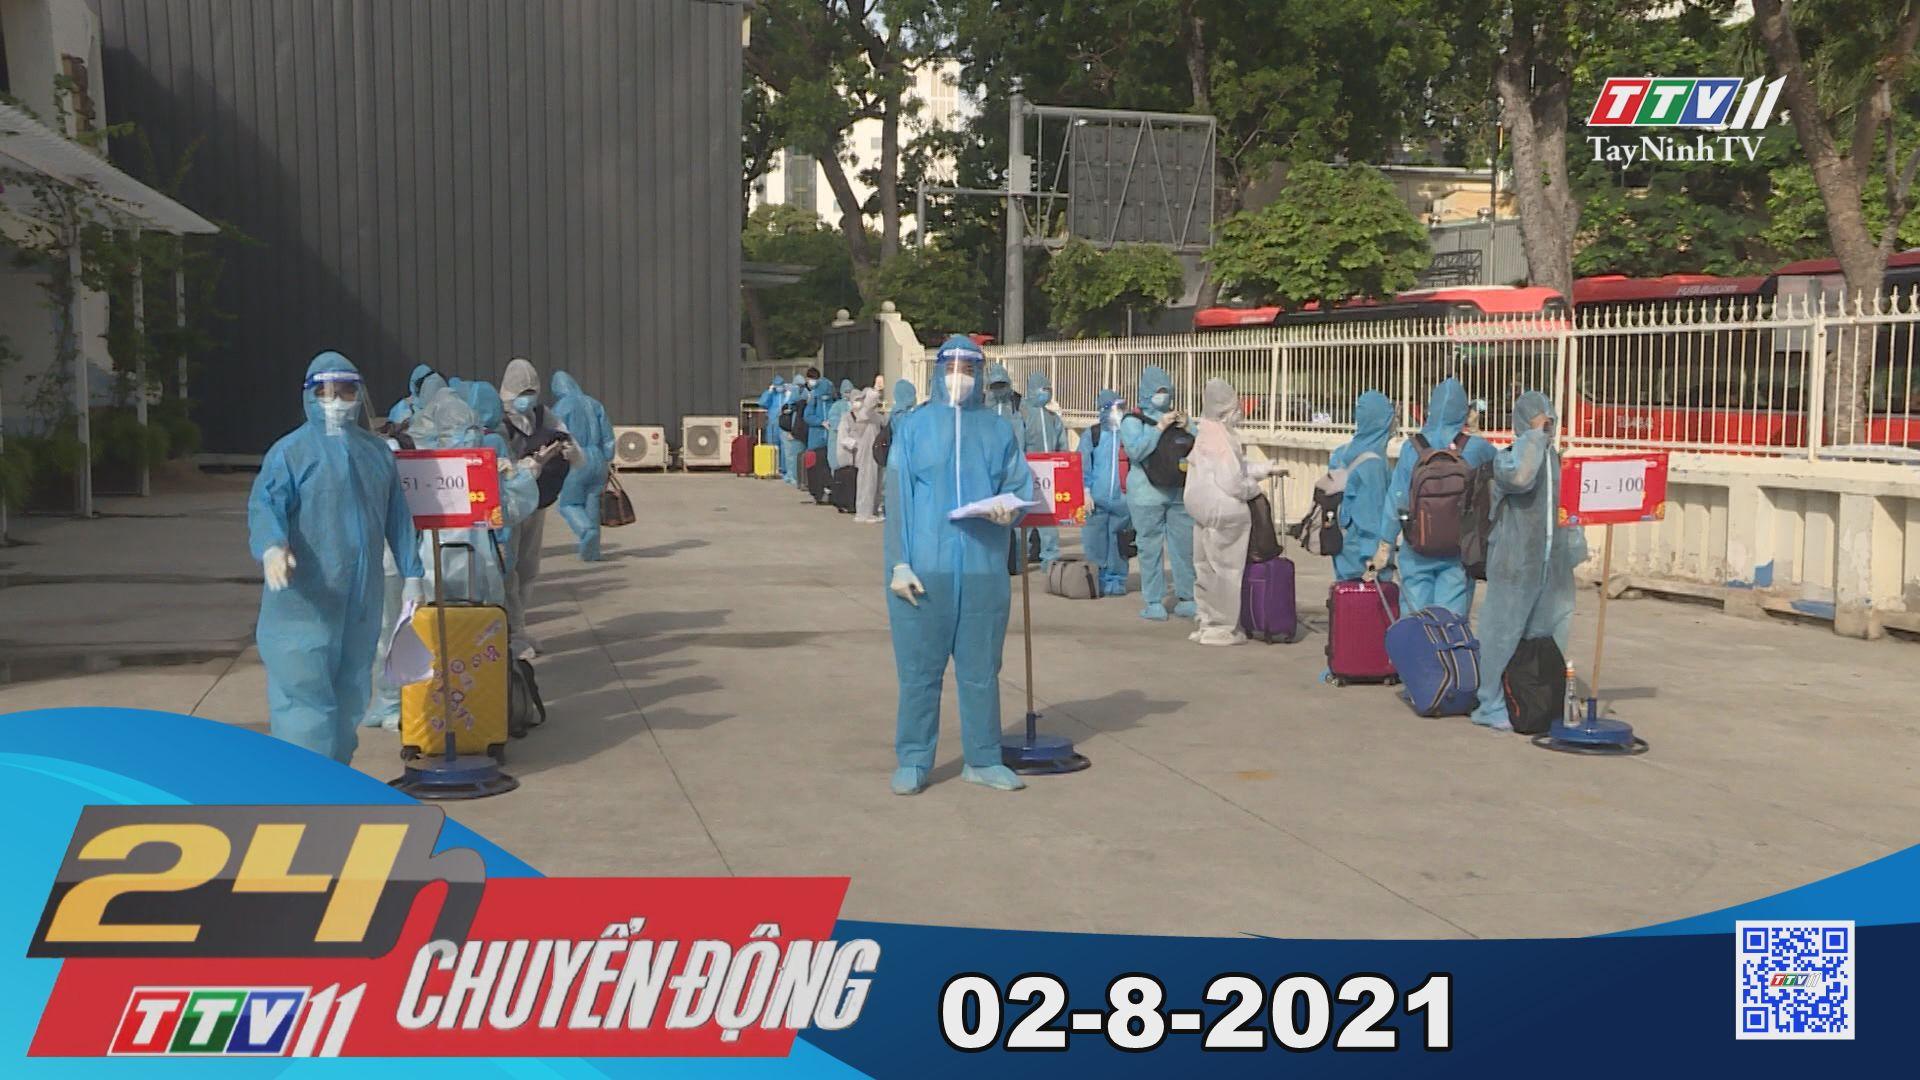 24h Chuyển động 02-8-2021 | Tin tức hôm nay | TayNinhTV